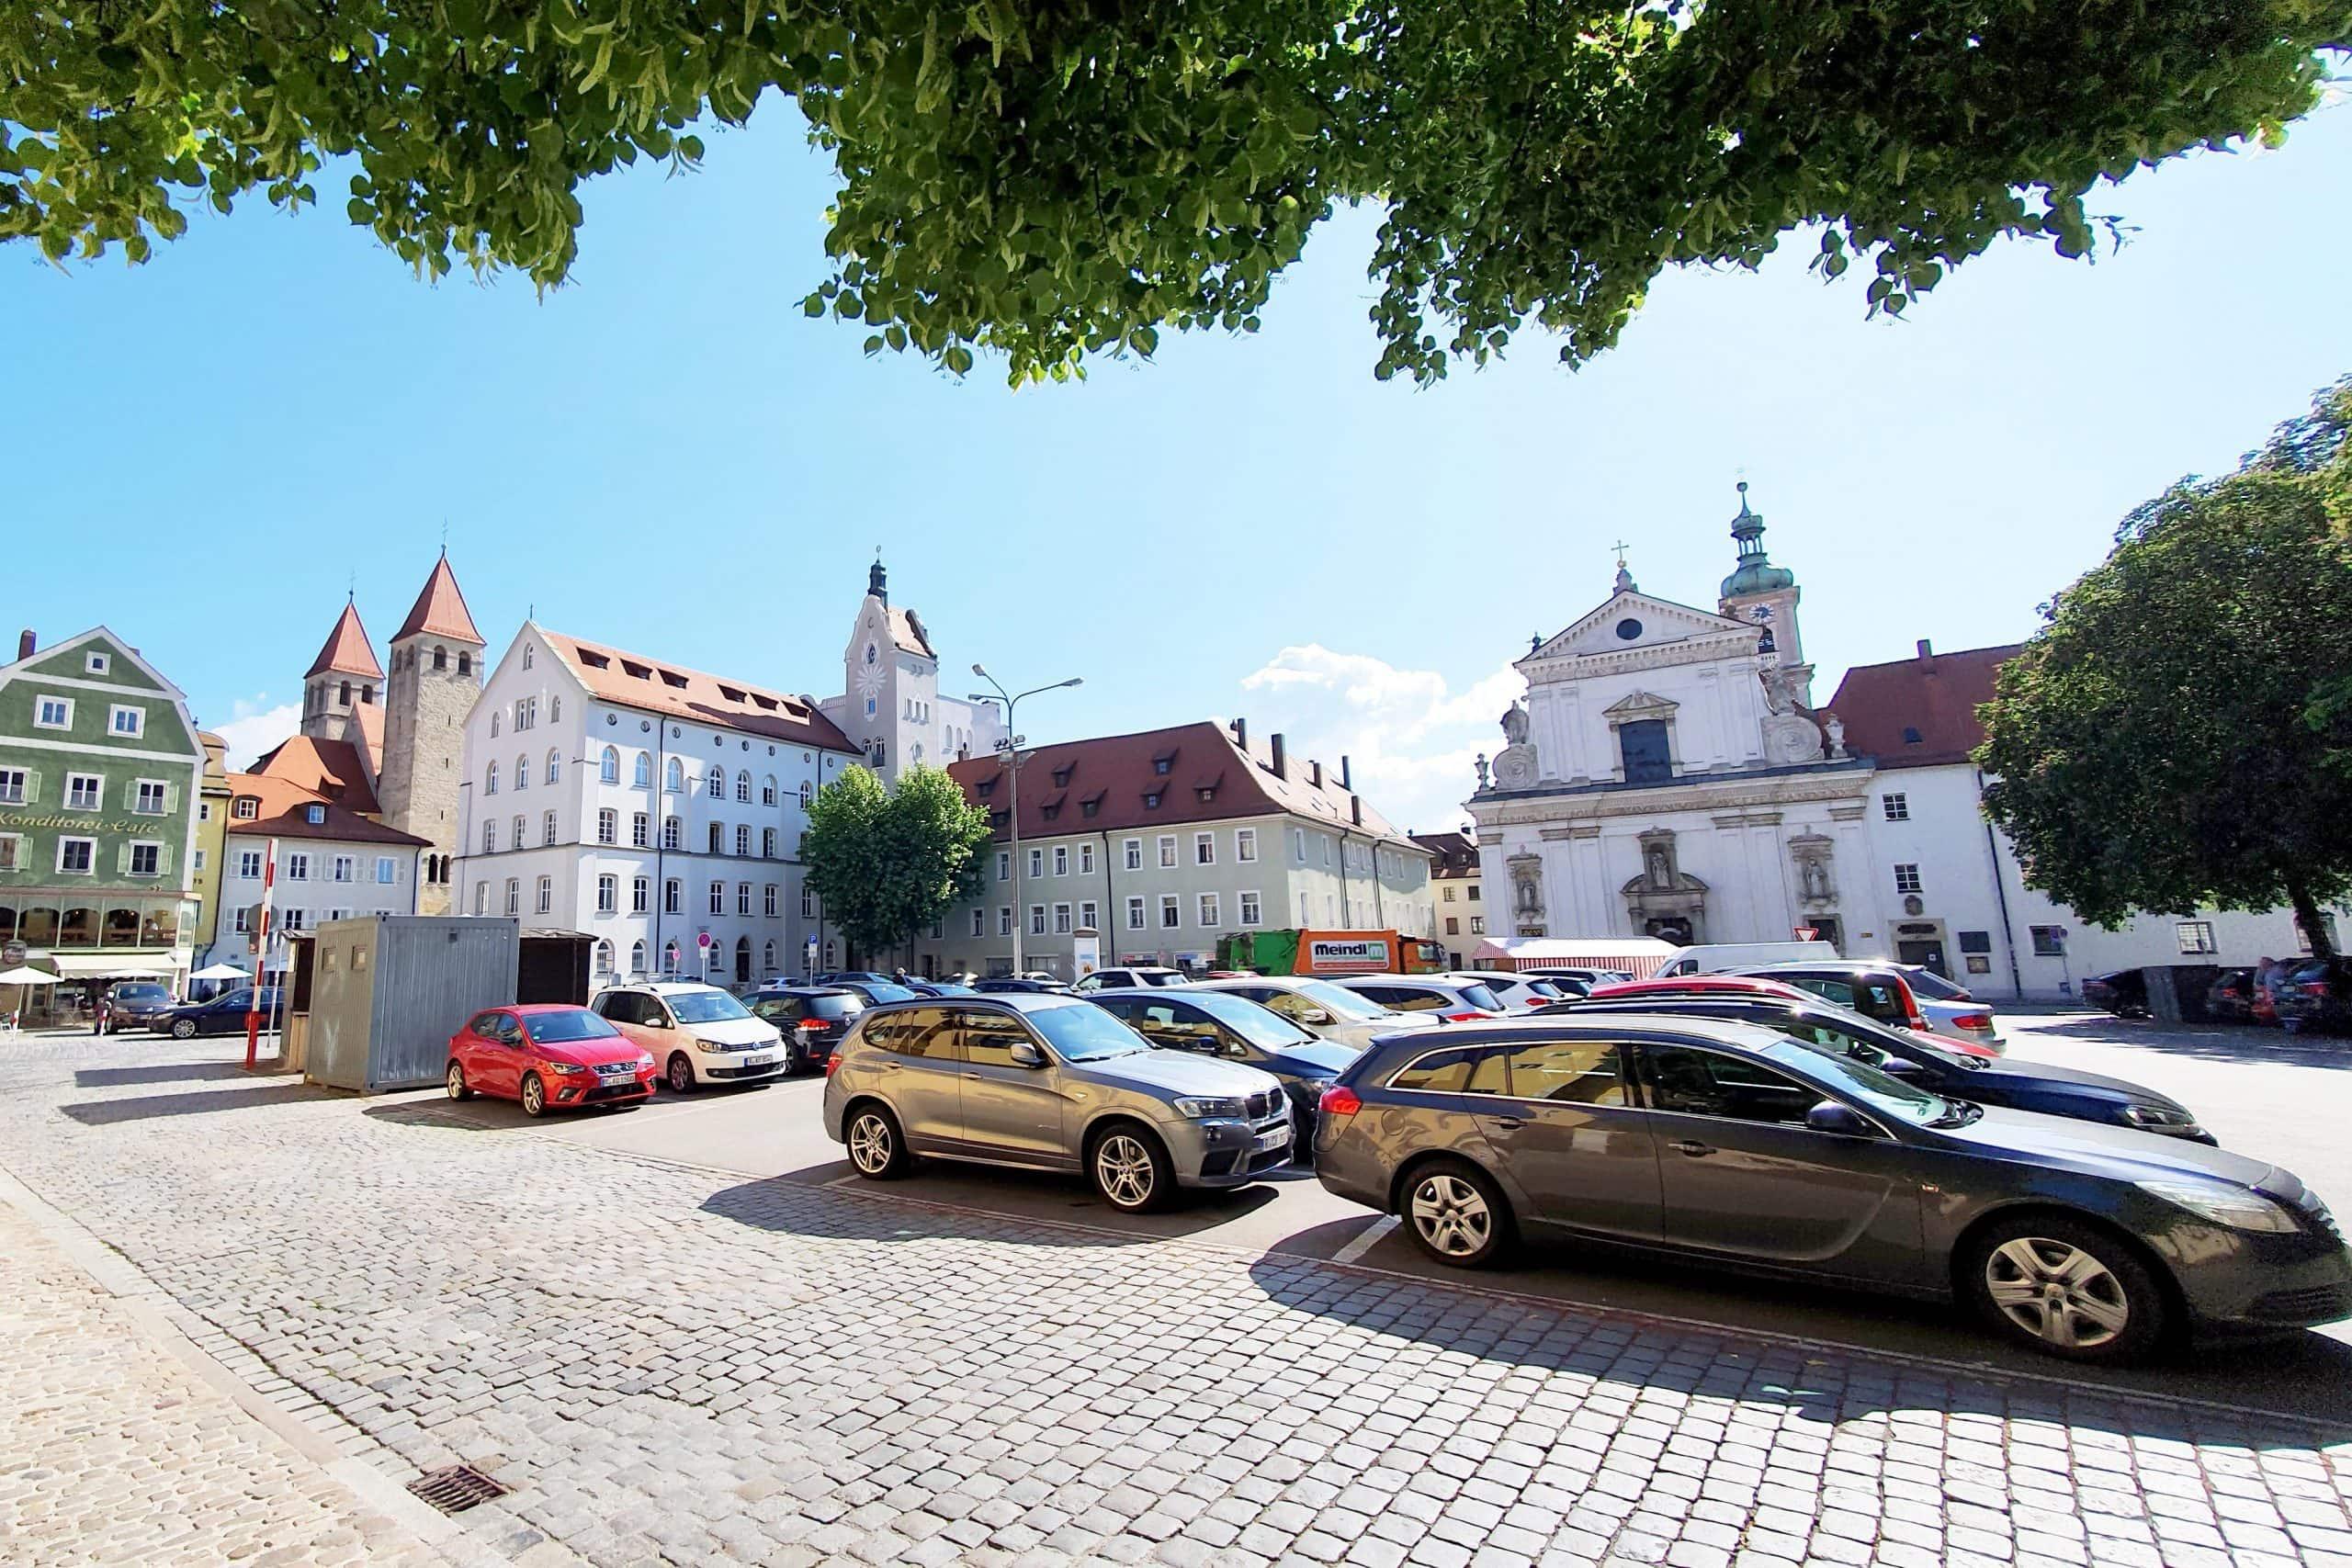 Regensburger Kaufleute fordern Unterstützung Parkfläche statt Marktplatz, Autos statt Fußgängerzone: Die Politik hält dagegen